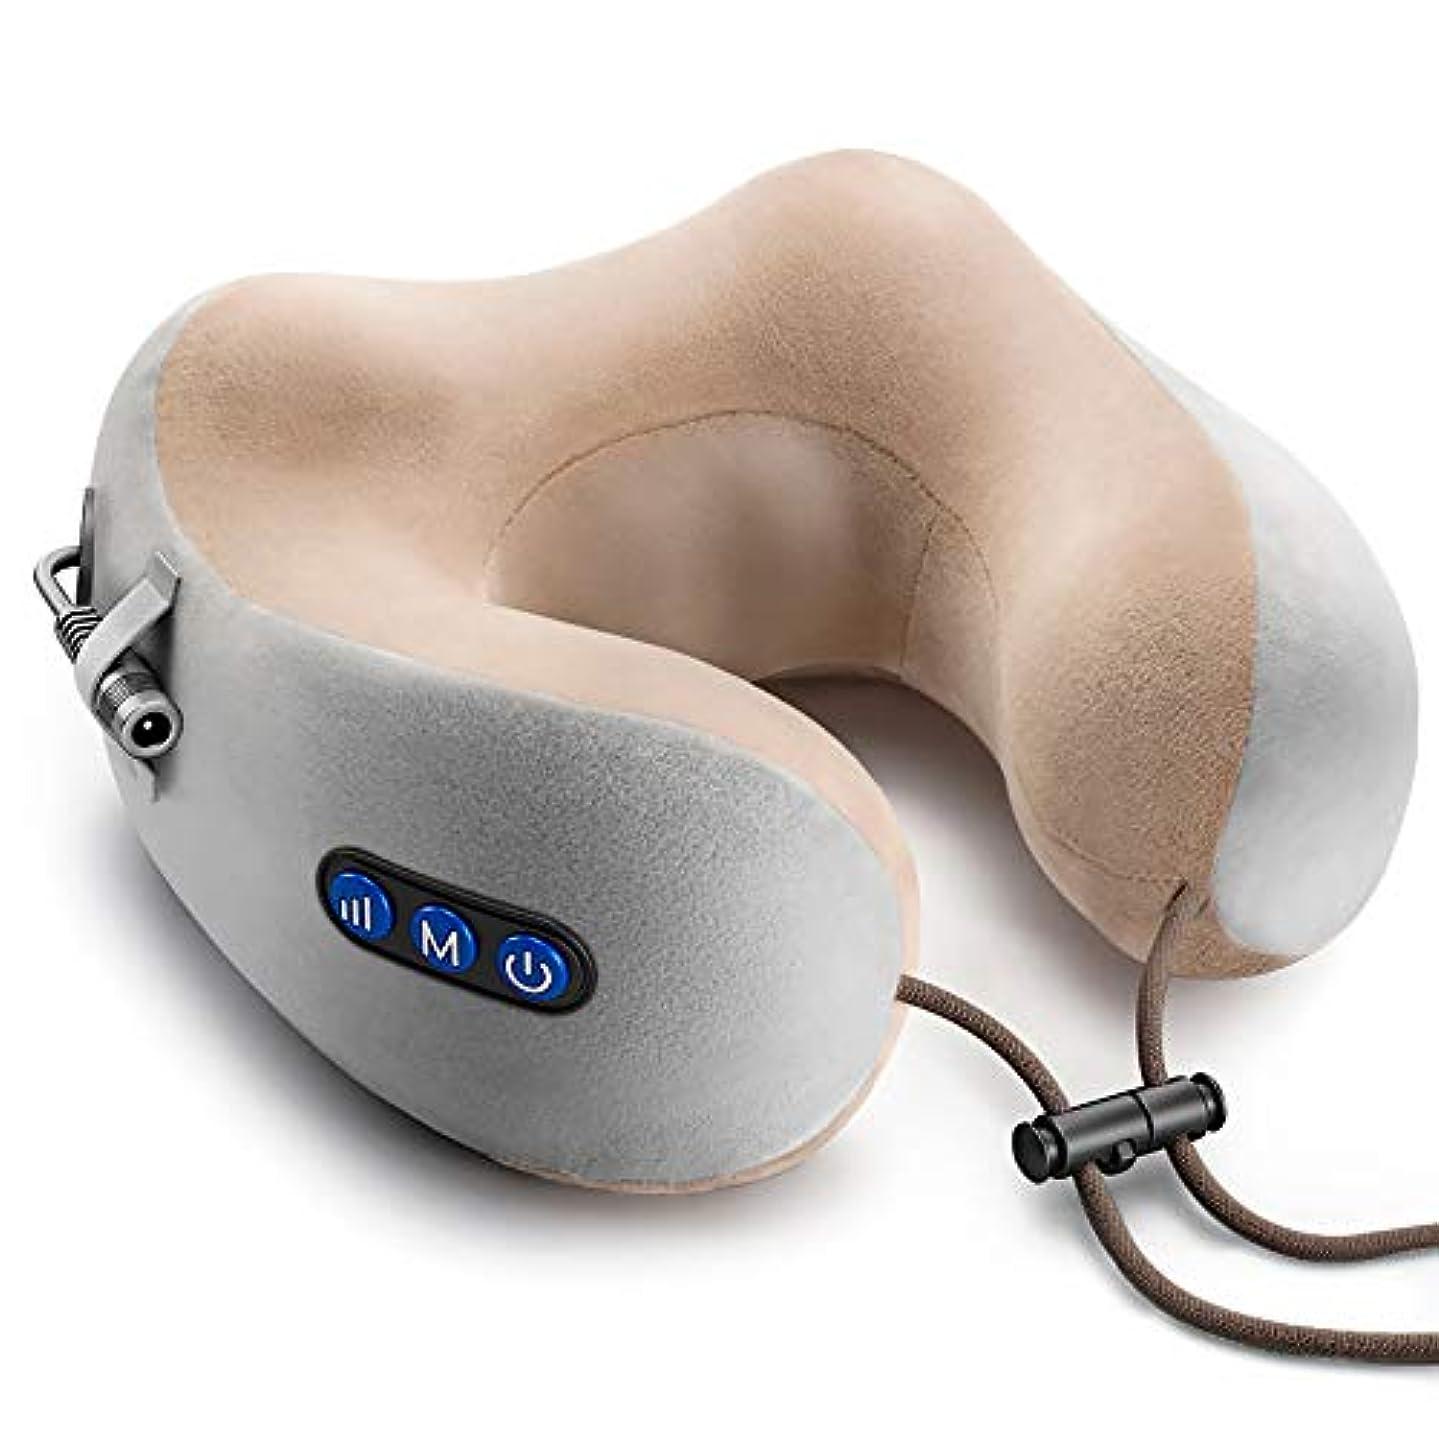 統治可能秀でる猟犬首マッサージャー ネックマッサージャー U型 USB充電式 3モード 低反発ネックマッサージピロー 自動オフ機能 肩こり ストレス解消 多機能 人間工学 日本語取扱説明書付 プレゼント